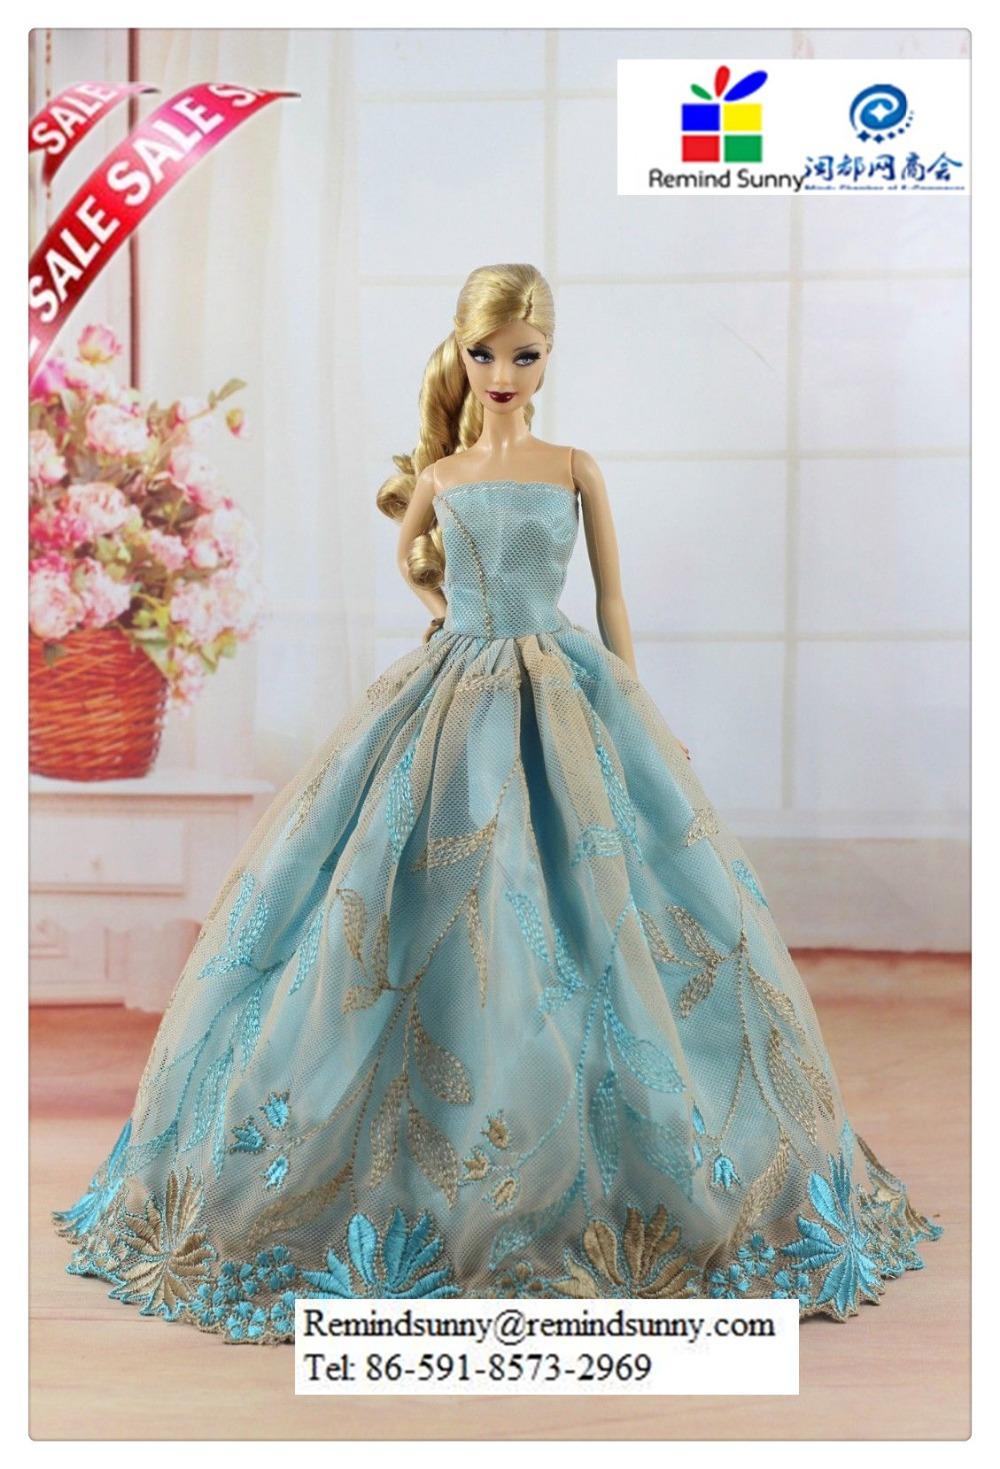 Encaje Princesa Fiesta De La Boda Vestido De Ropa/vestido Para ...